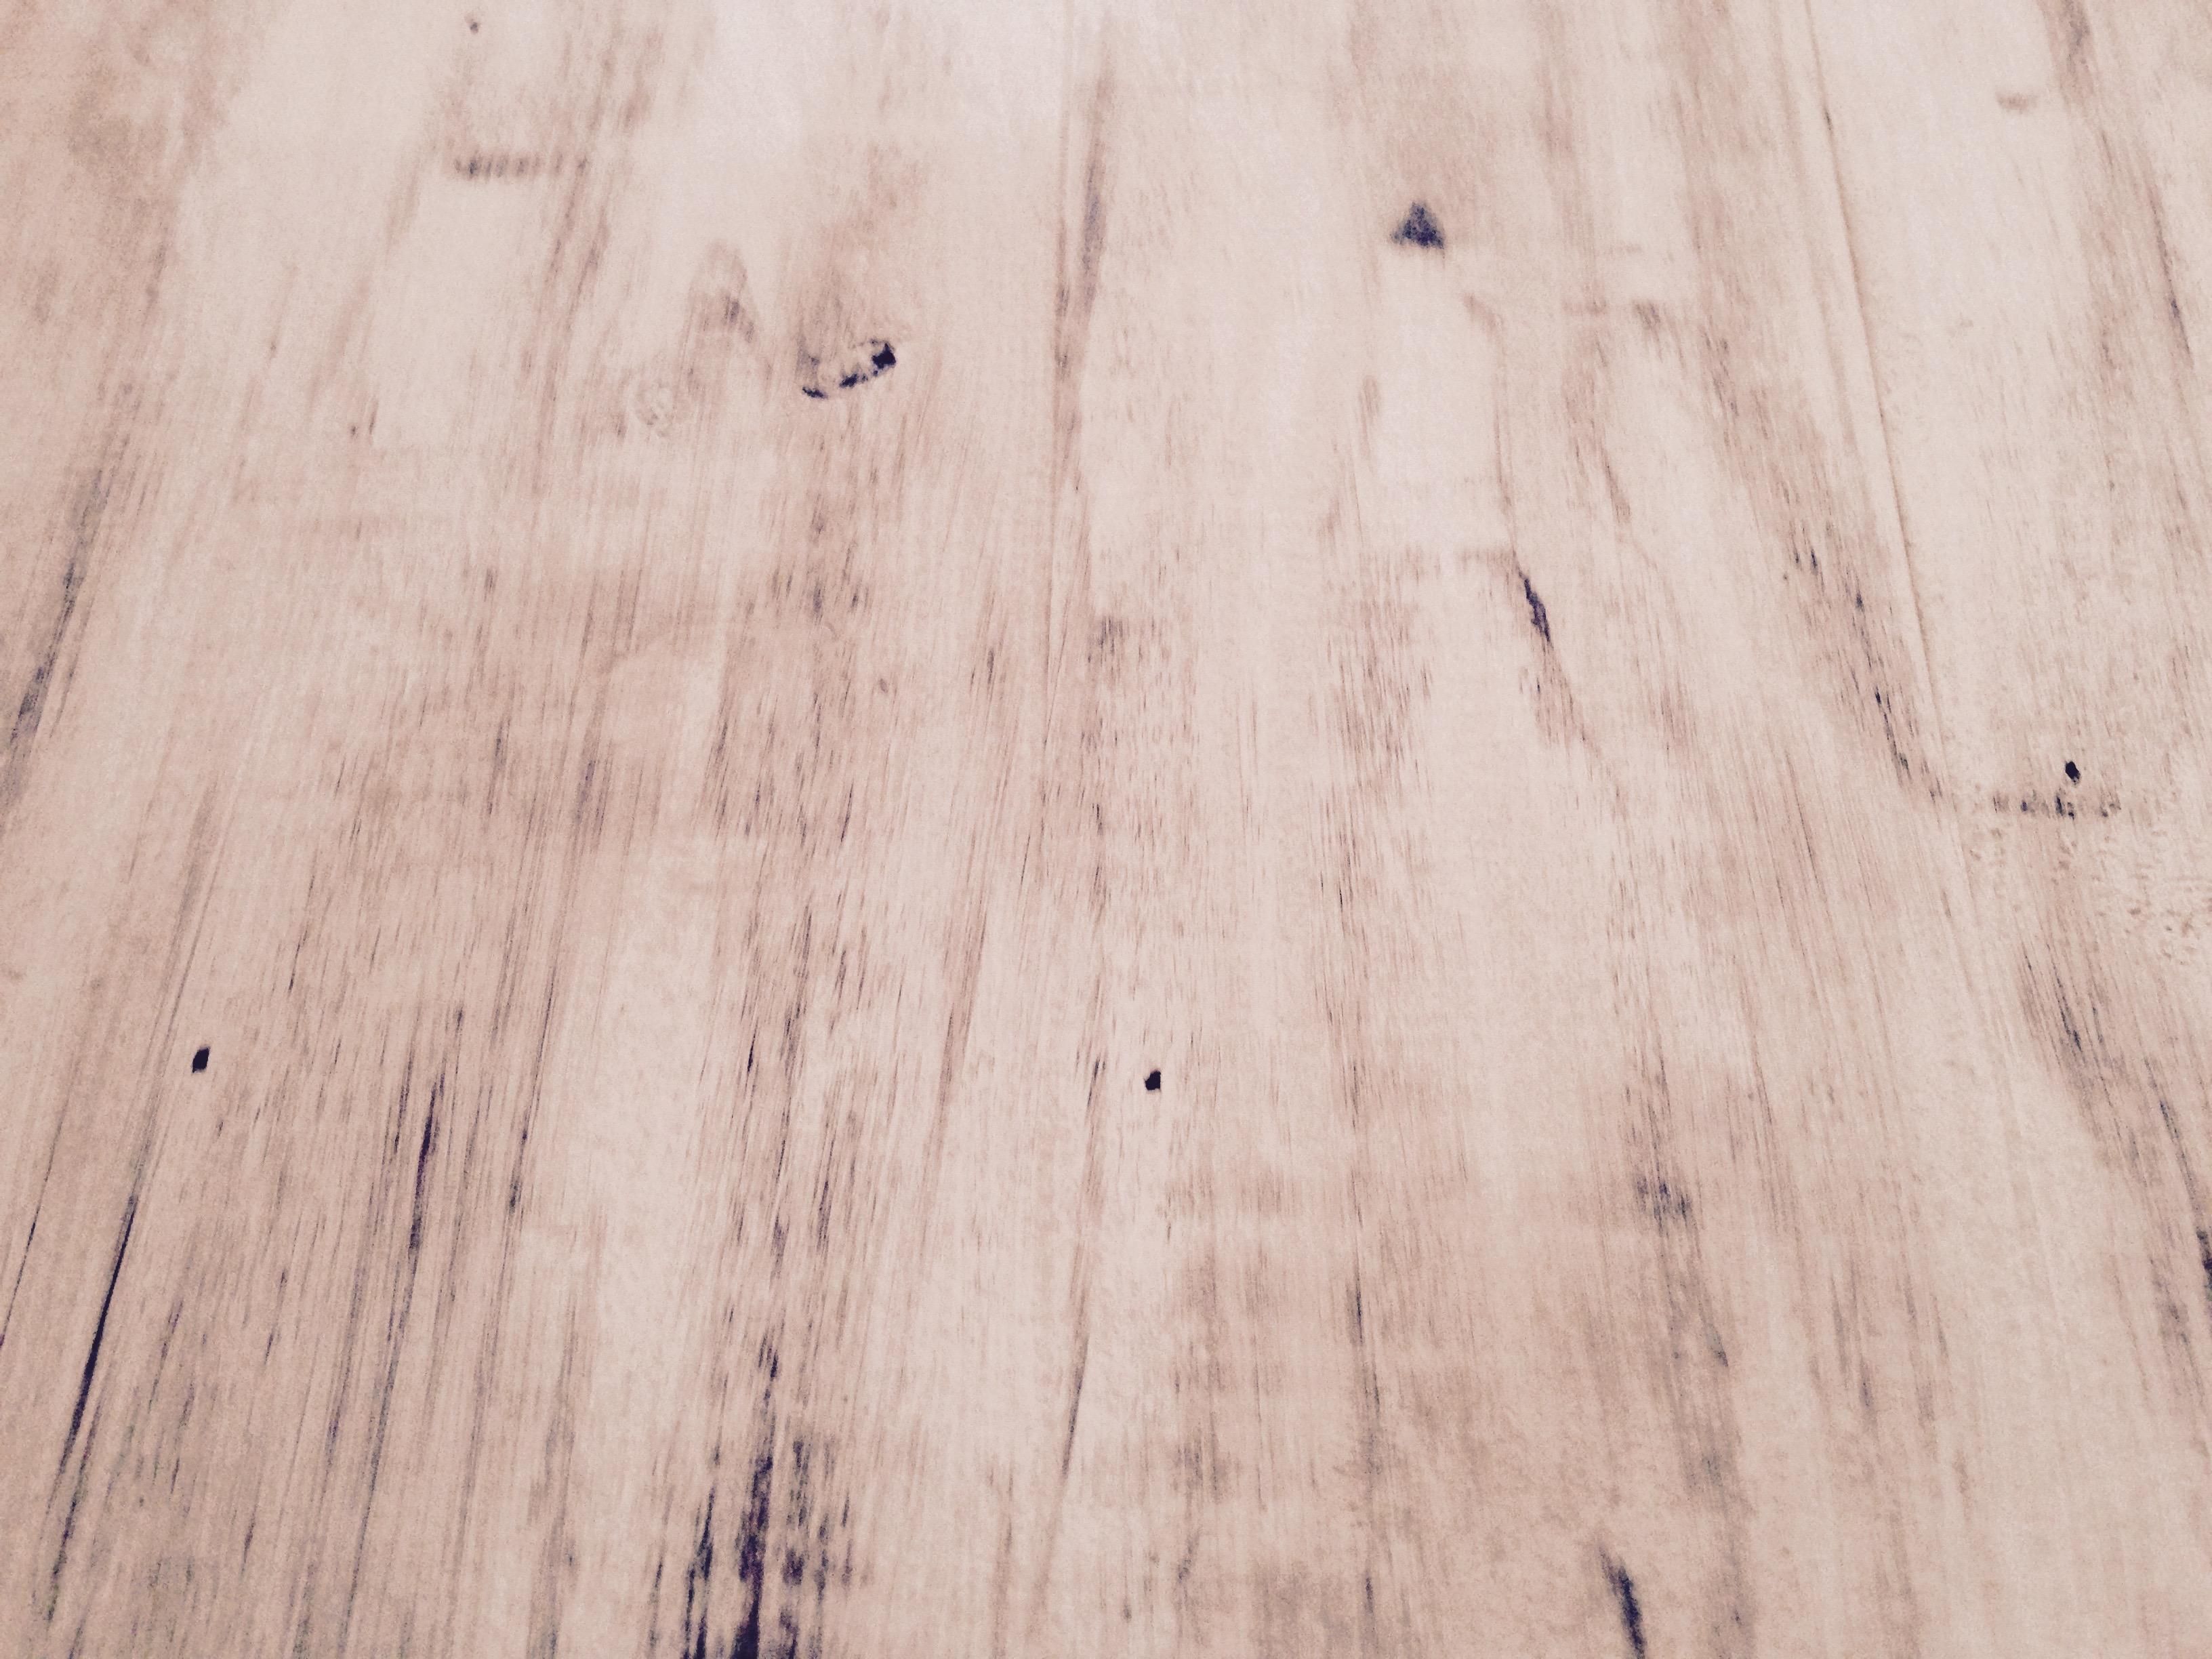 Distressed Wood Flooring Floors YYTDUJQ